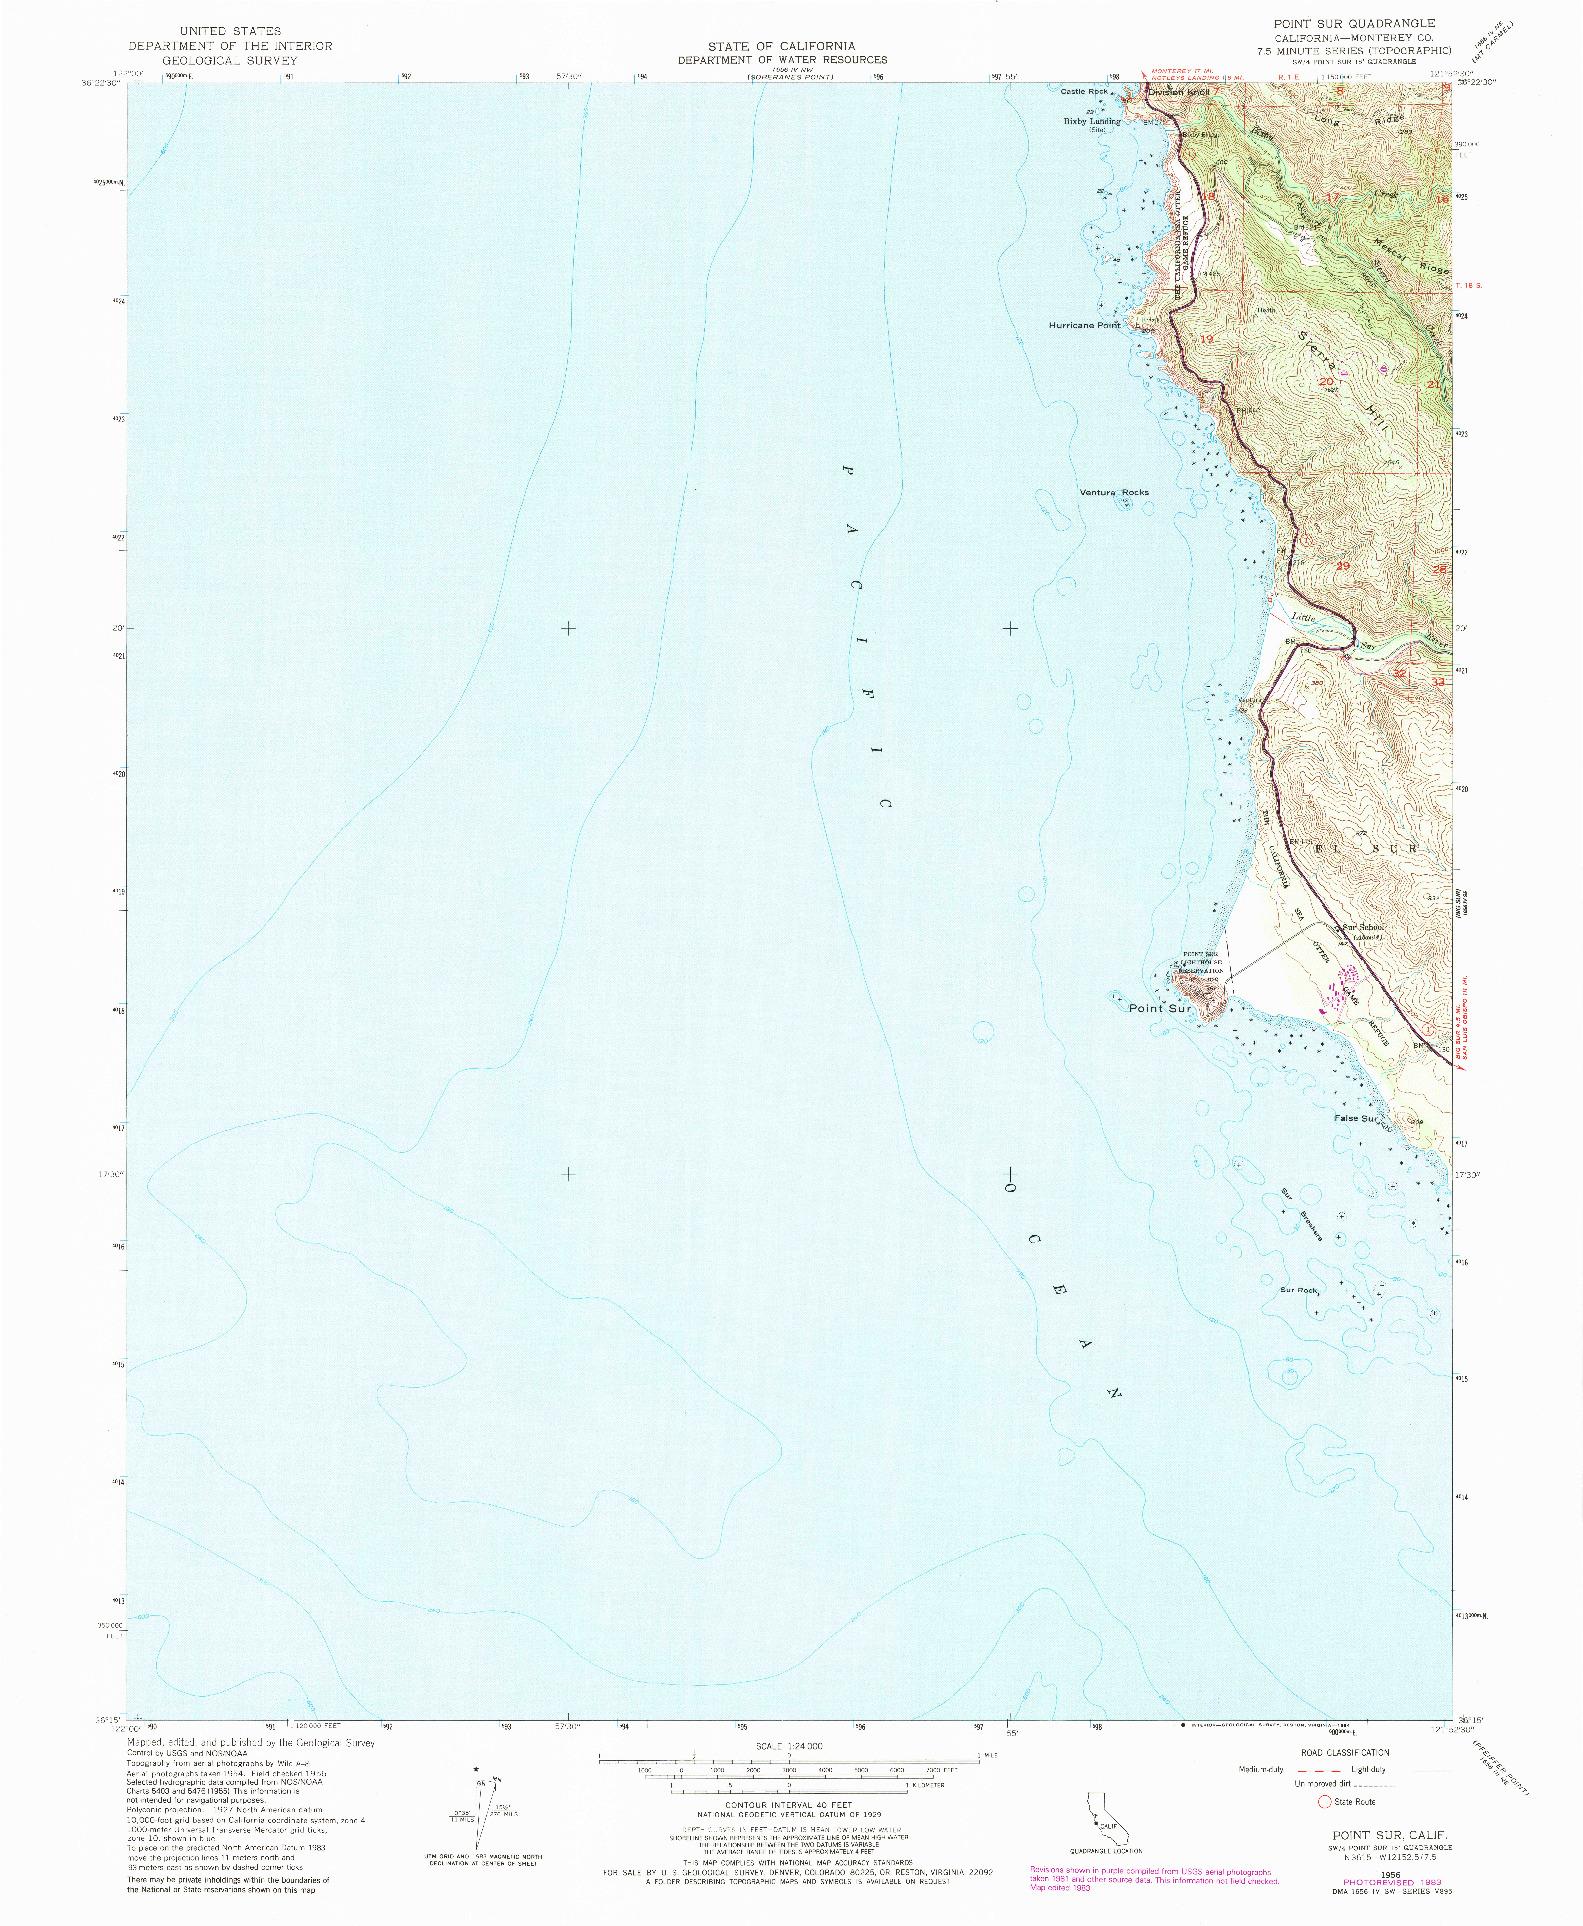 USGS 1:24000-SCALE QUADRANGLE FOR POINT SUR, CA 1956